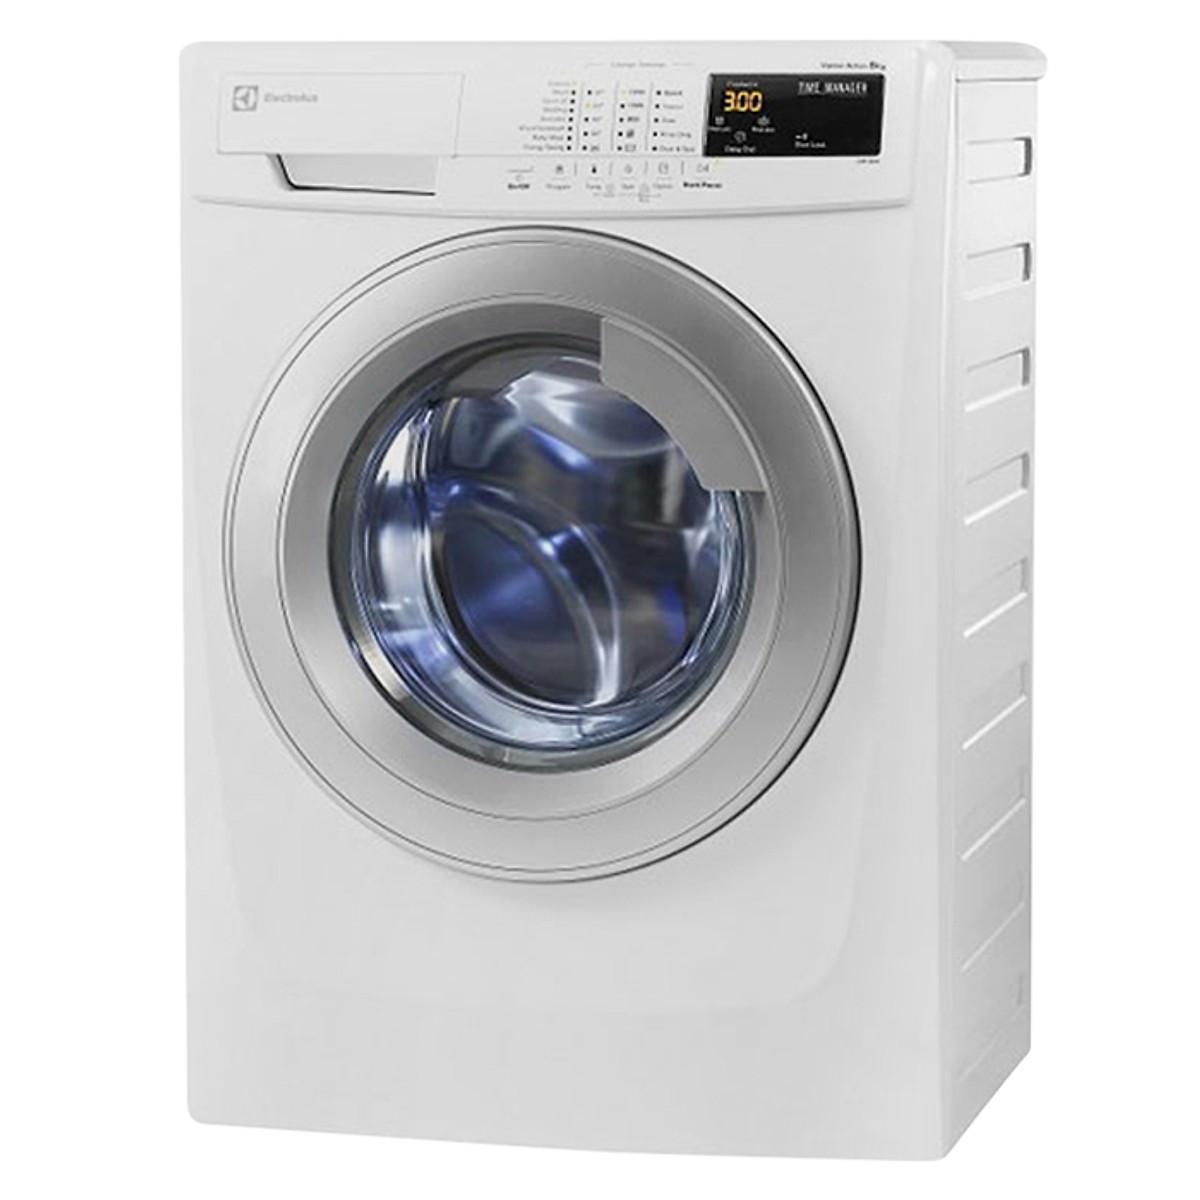 Máy giặt Lồng ngang tốt nhất, giá dưới 10tr